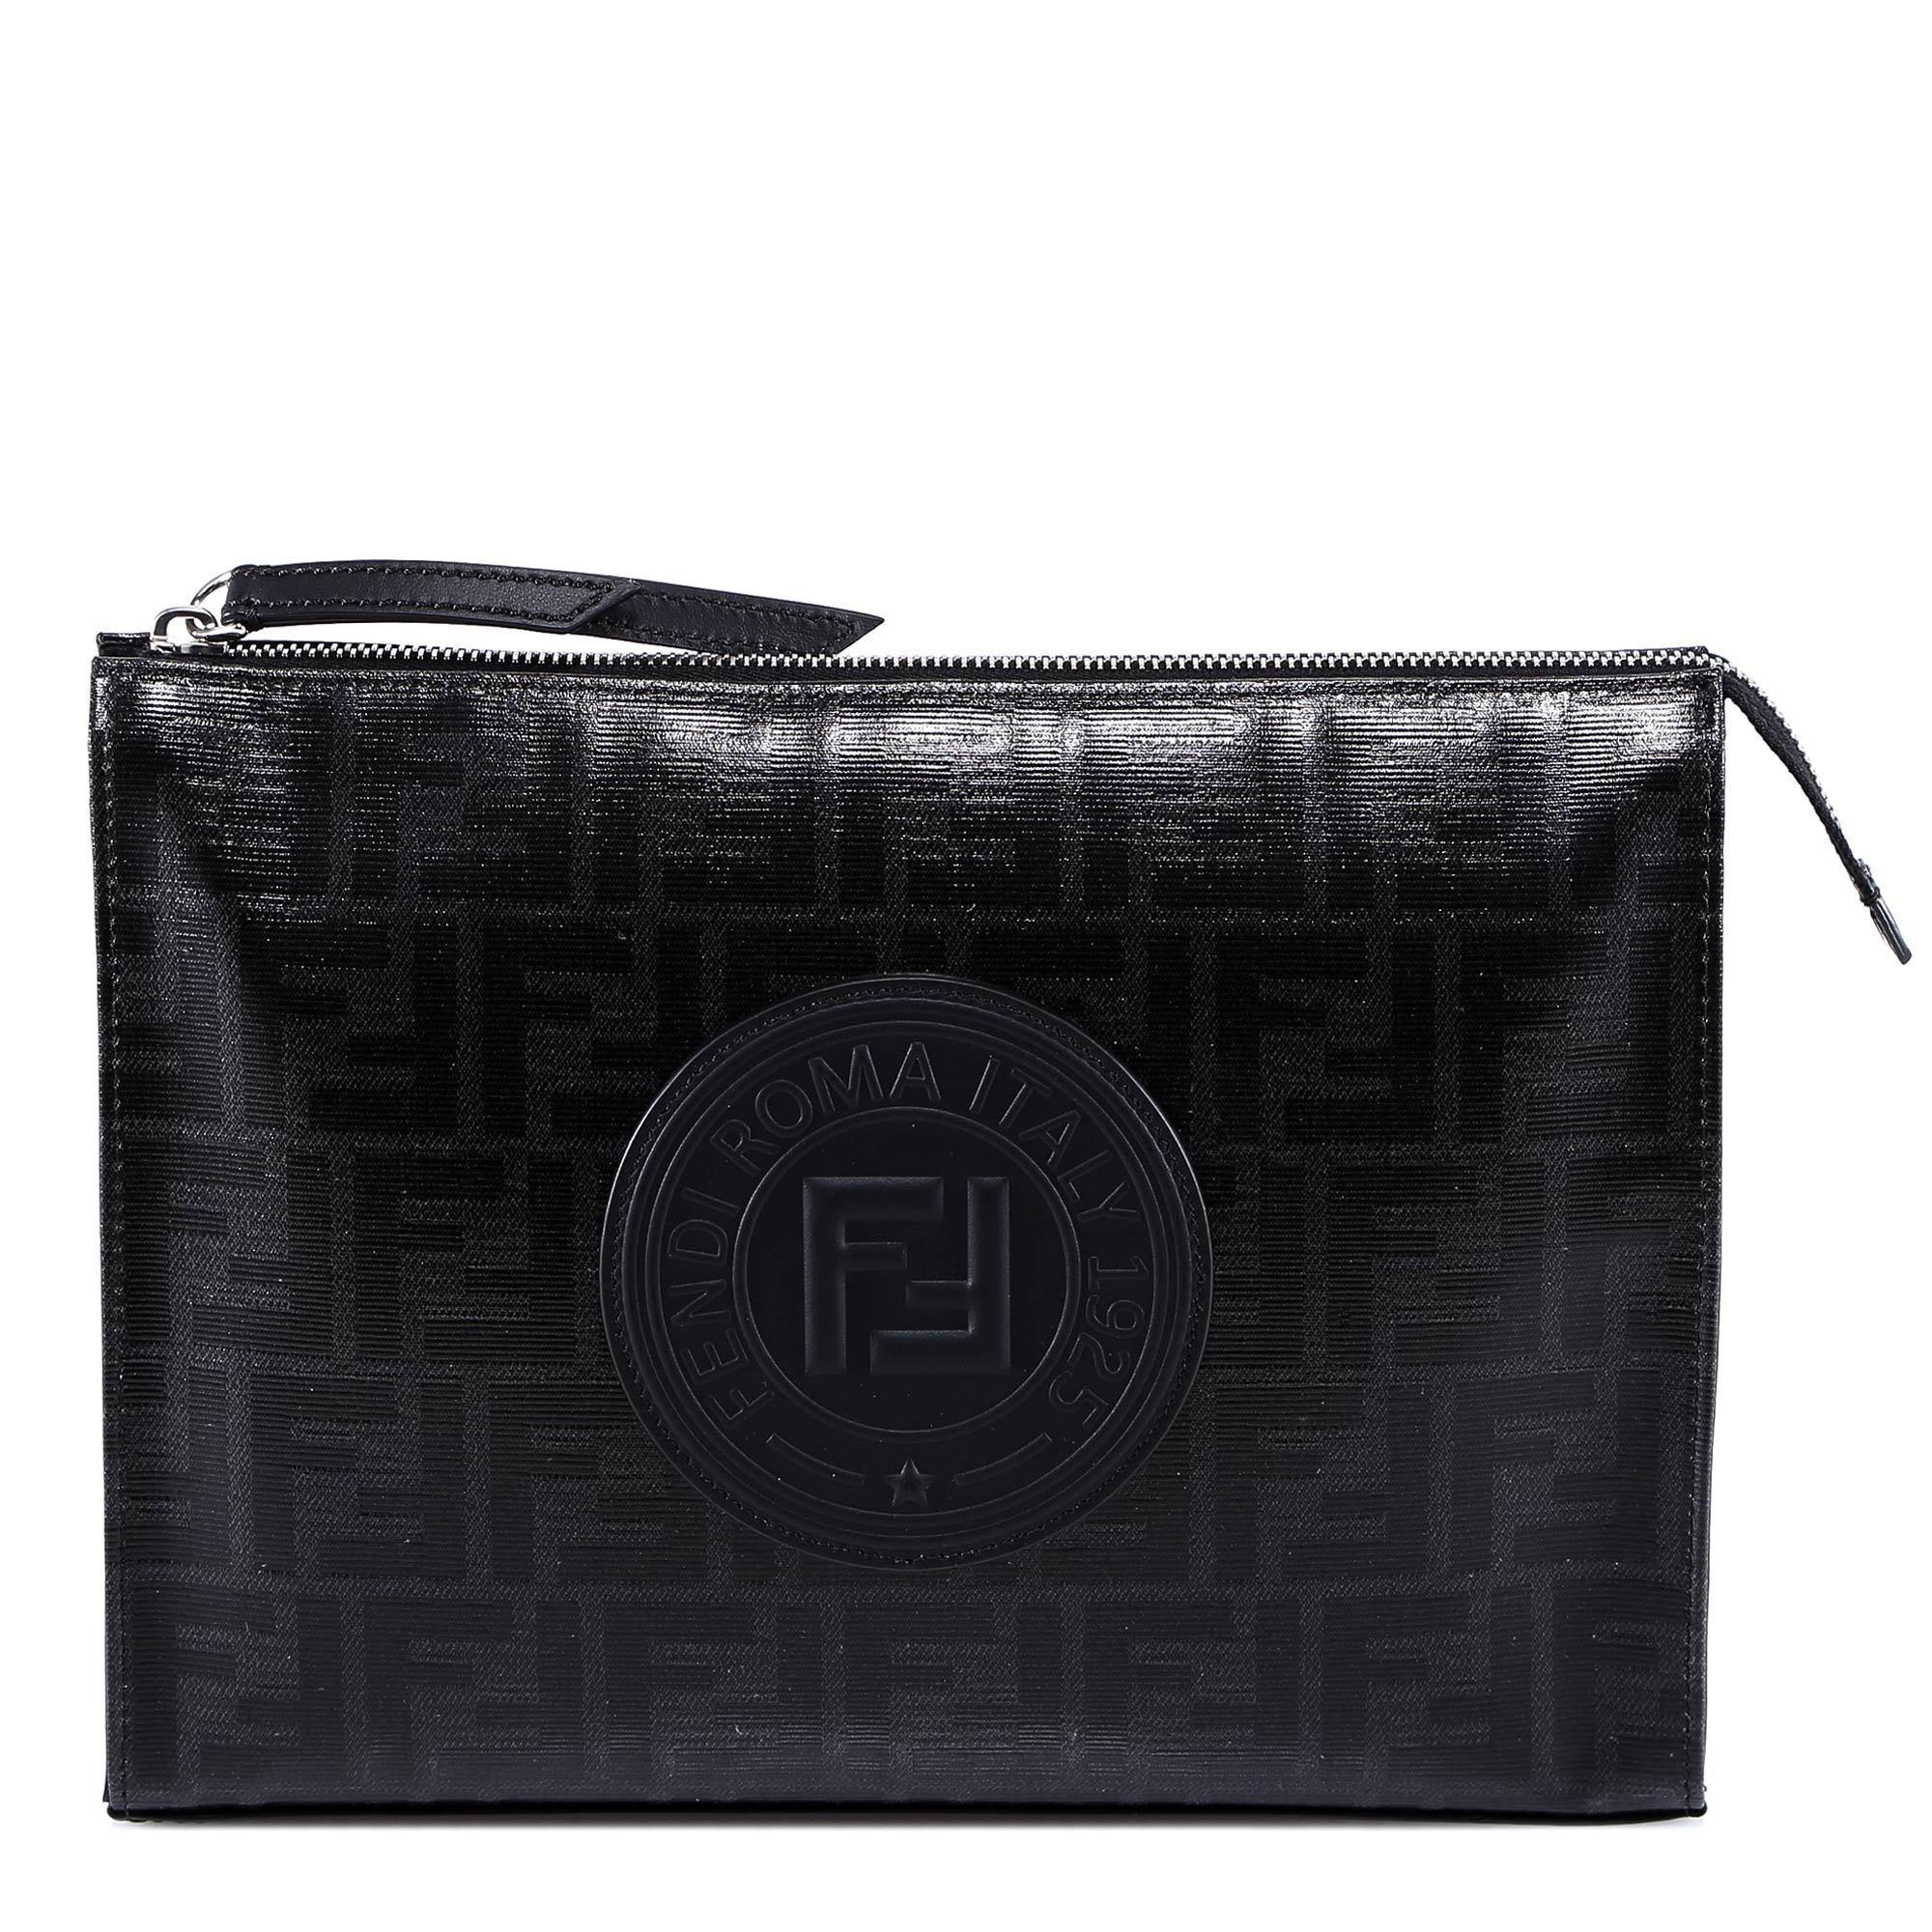 Lyst - Fendi Monogram Clutch in Black for Men - Save 12% 148c77c094653